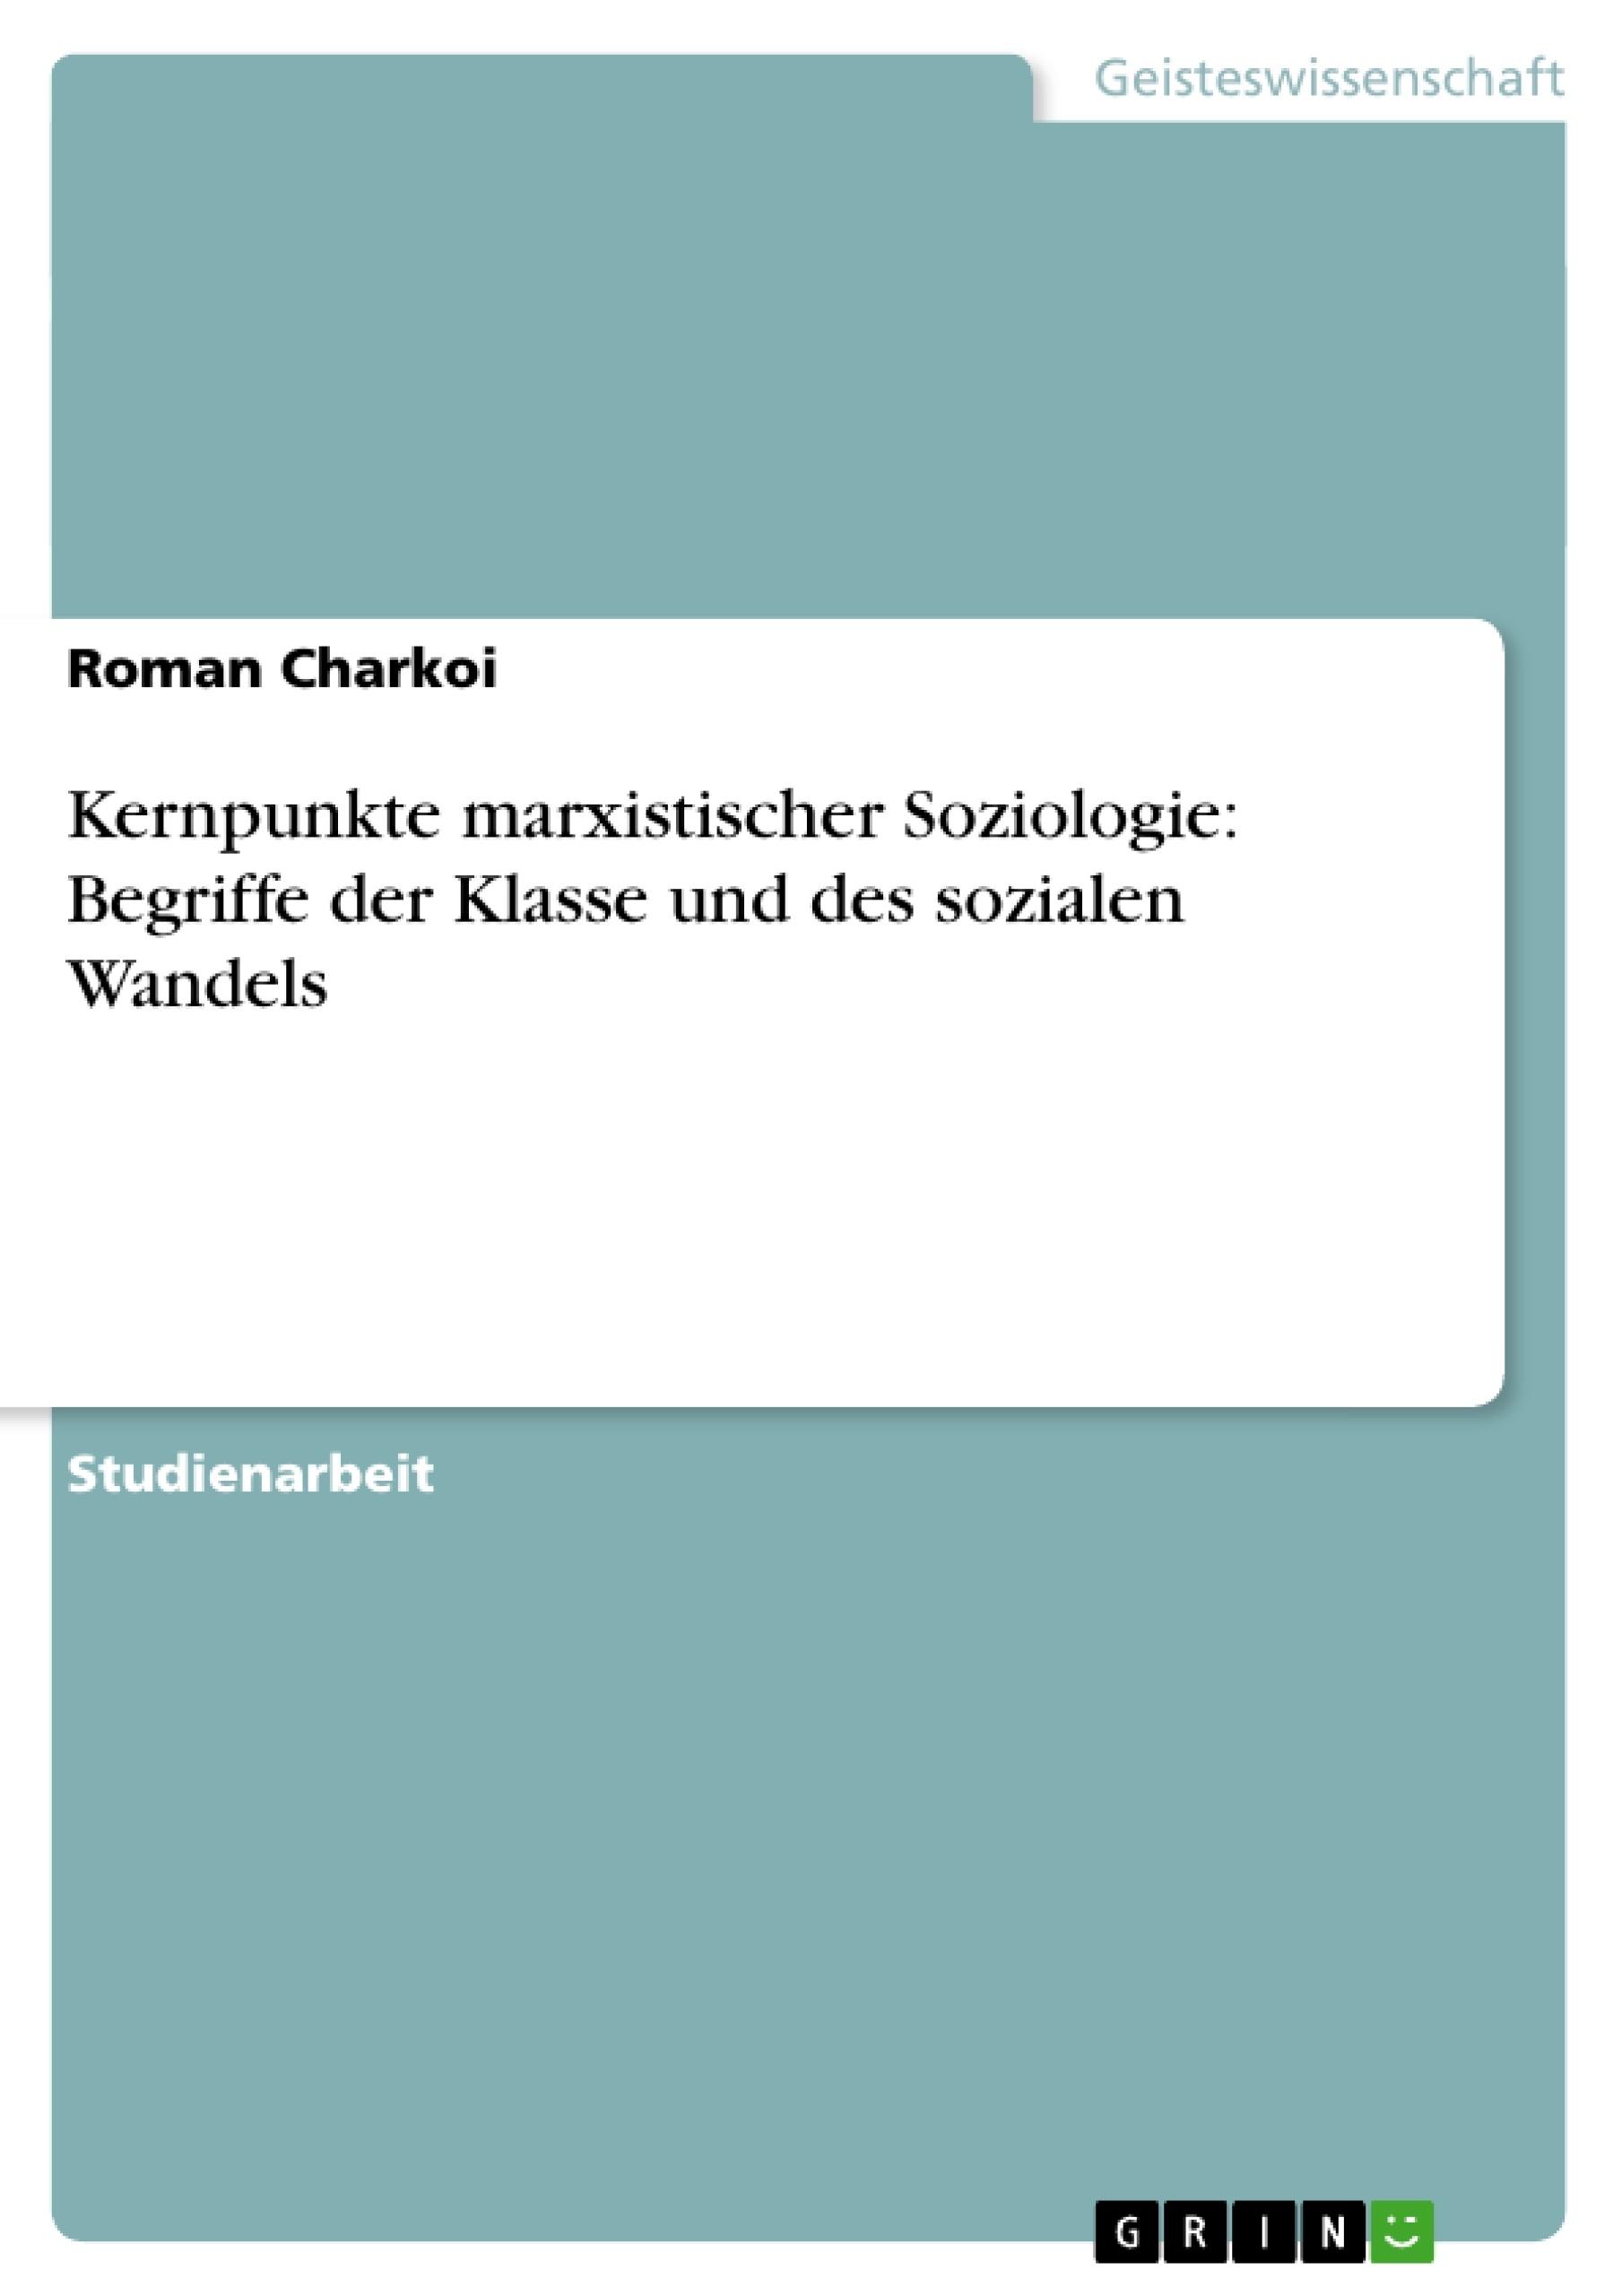 Titel: Kernpunkte marxistischer Soziologie: Begriffe der Klasse und des sozialen Wandels